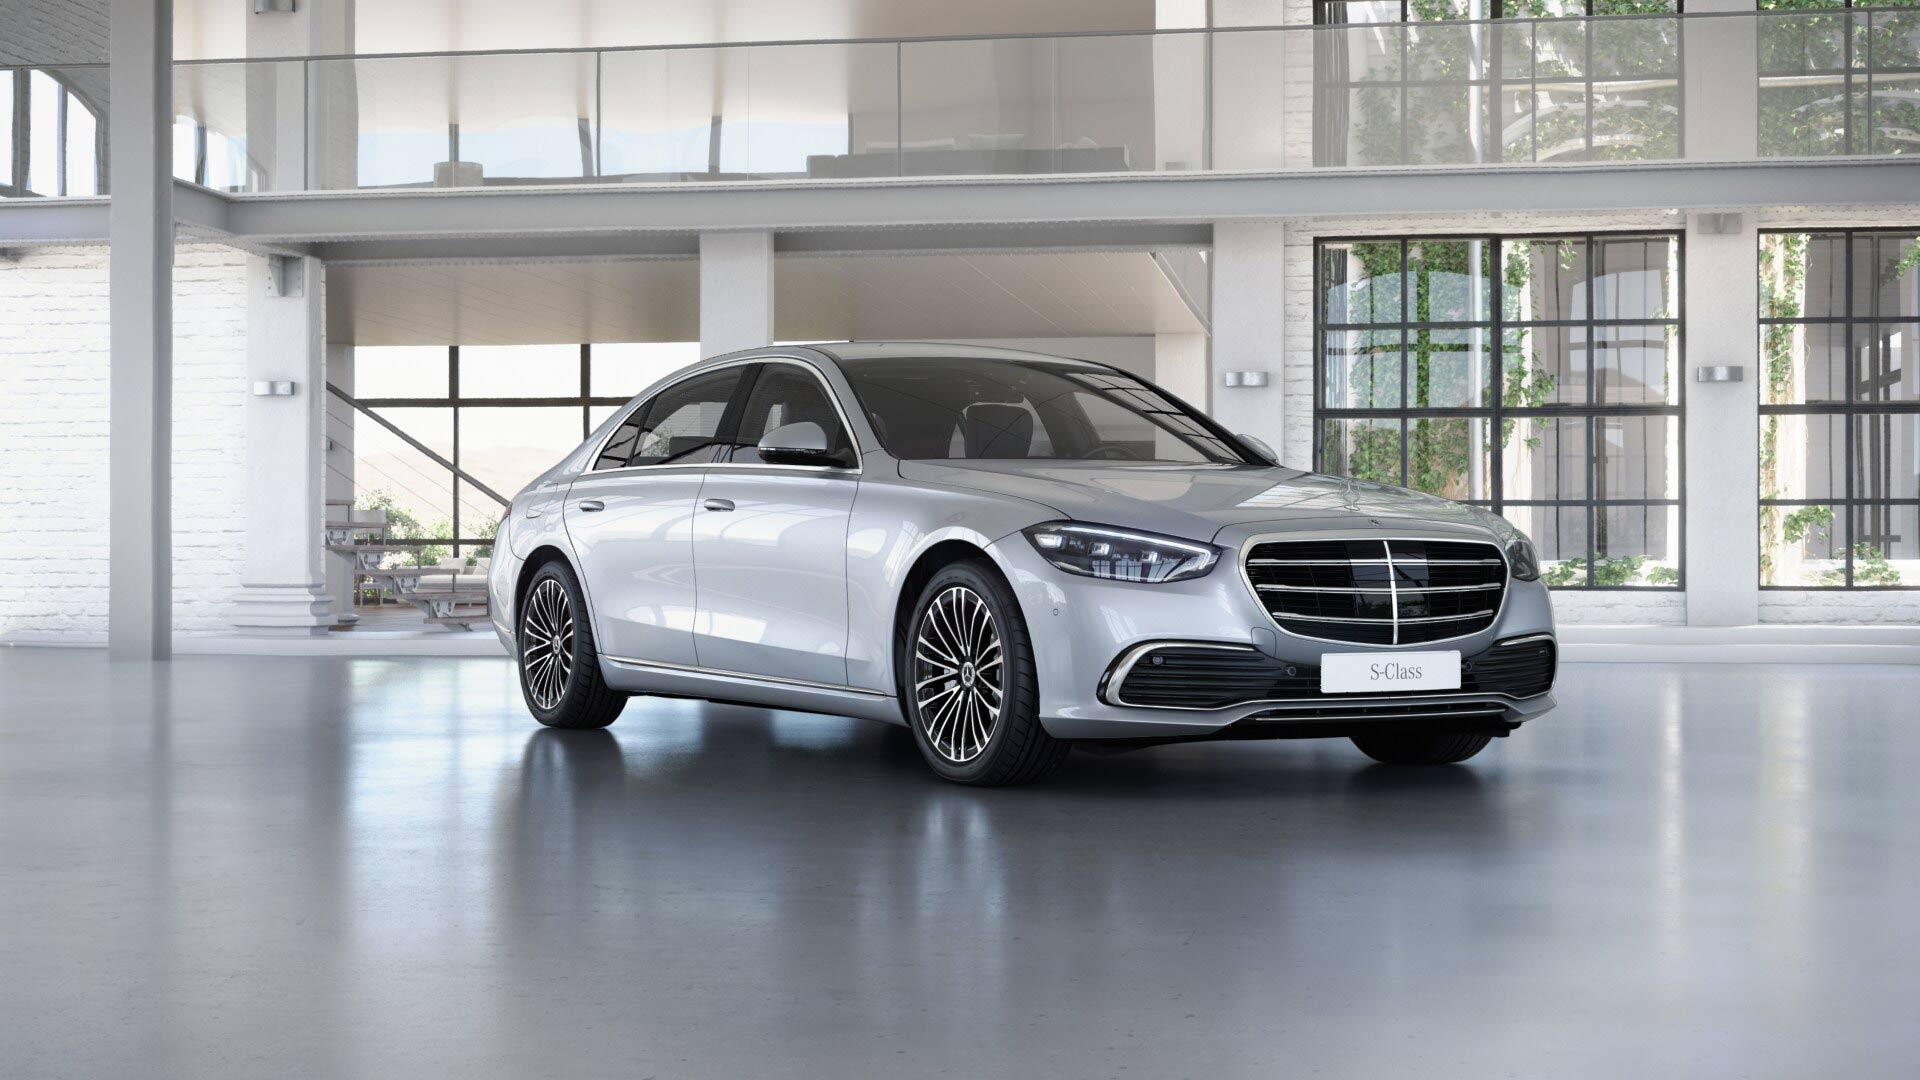 Mercedes Benz Classe S Limousine noire Finition Business : Vue de trois quarts de profil à l'arrêt